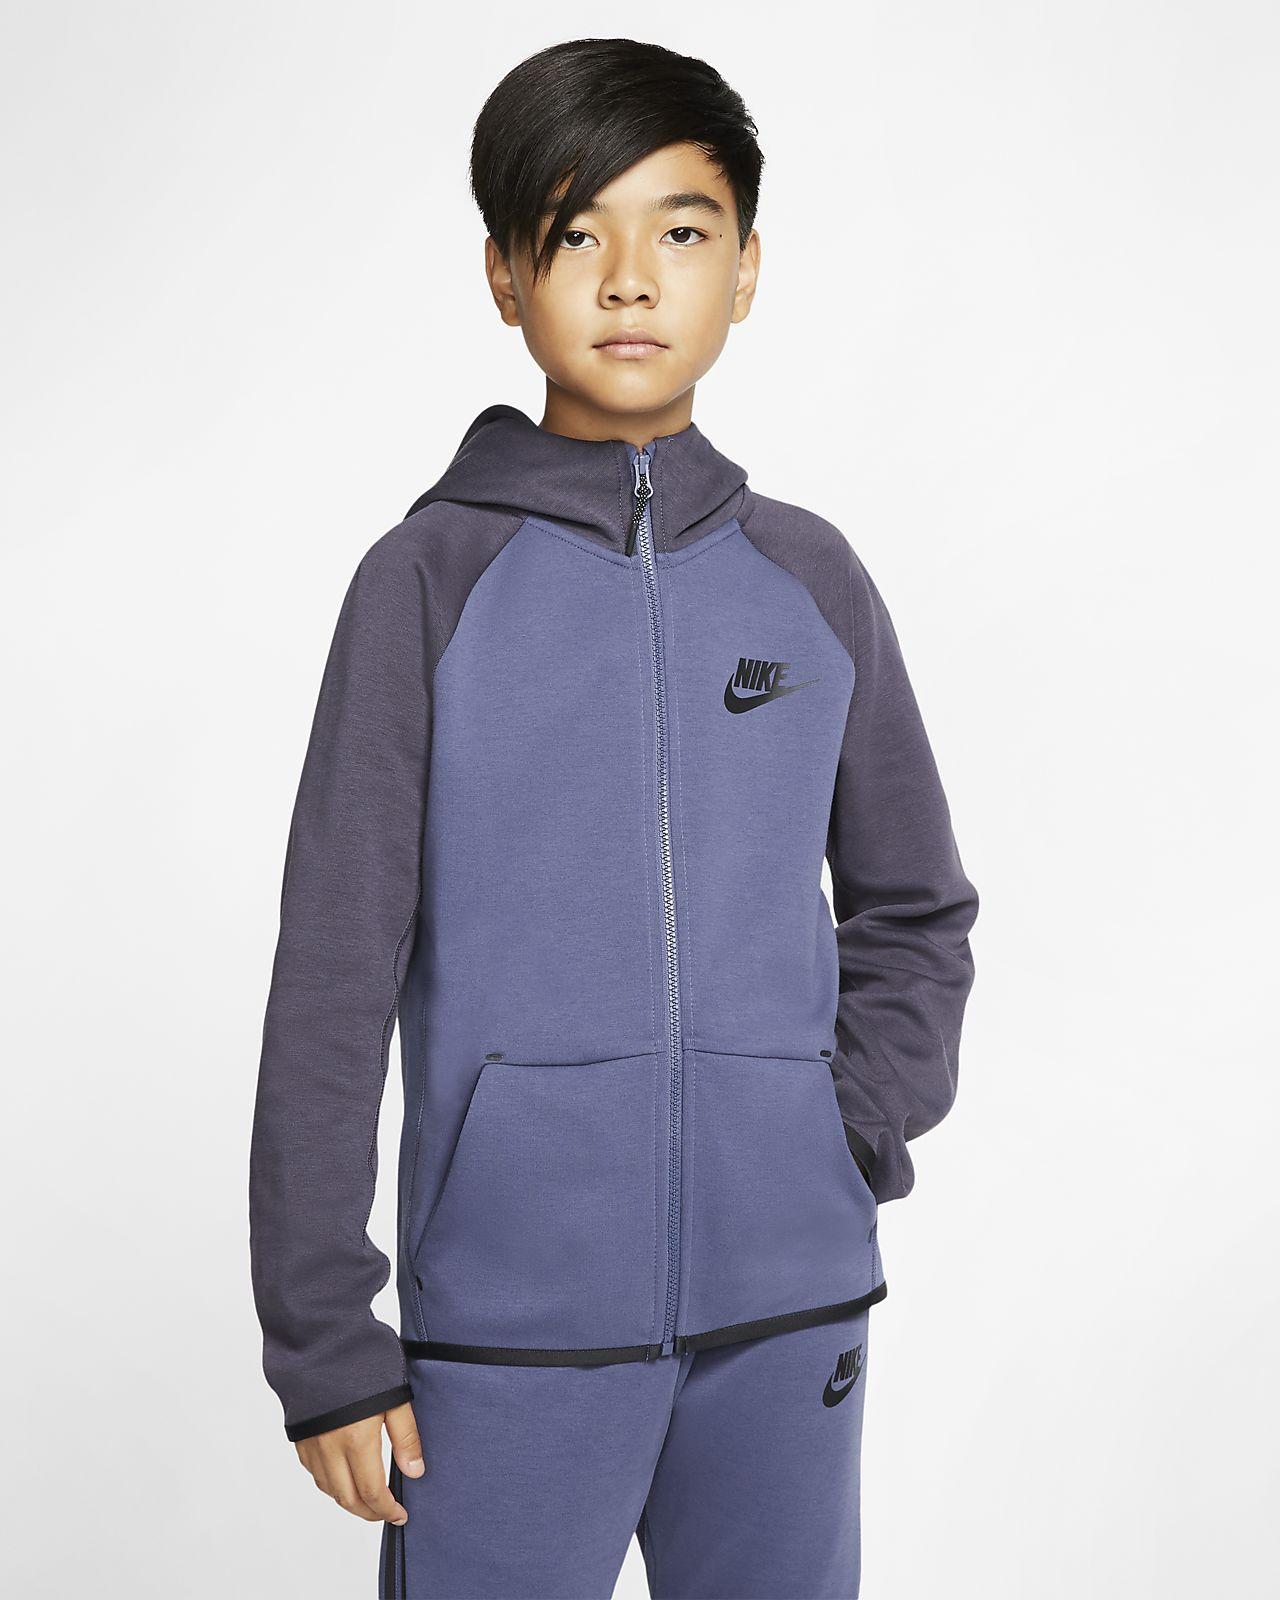 quality products newest collection look for Veste entièrement zippée Nike Sportswear Tech Fleece pour Enfant plus âgé